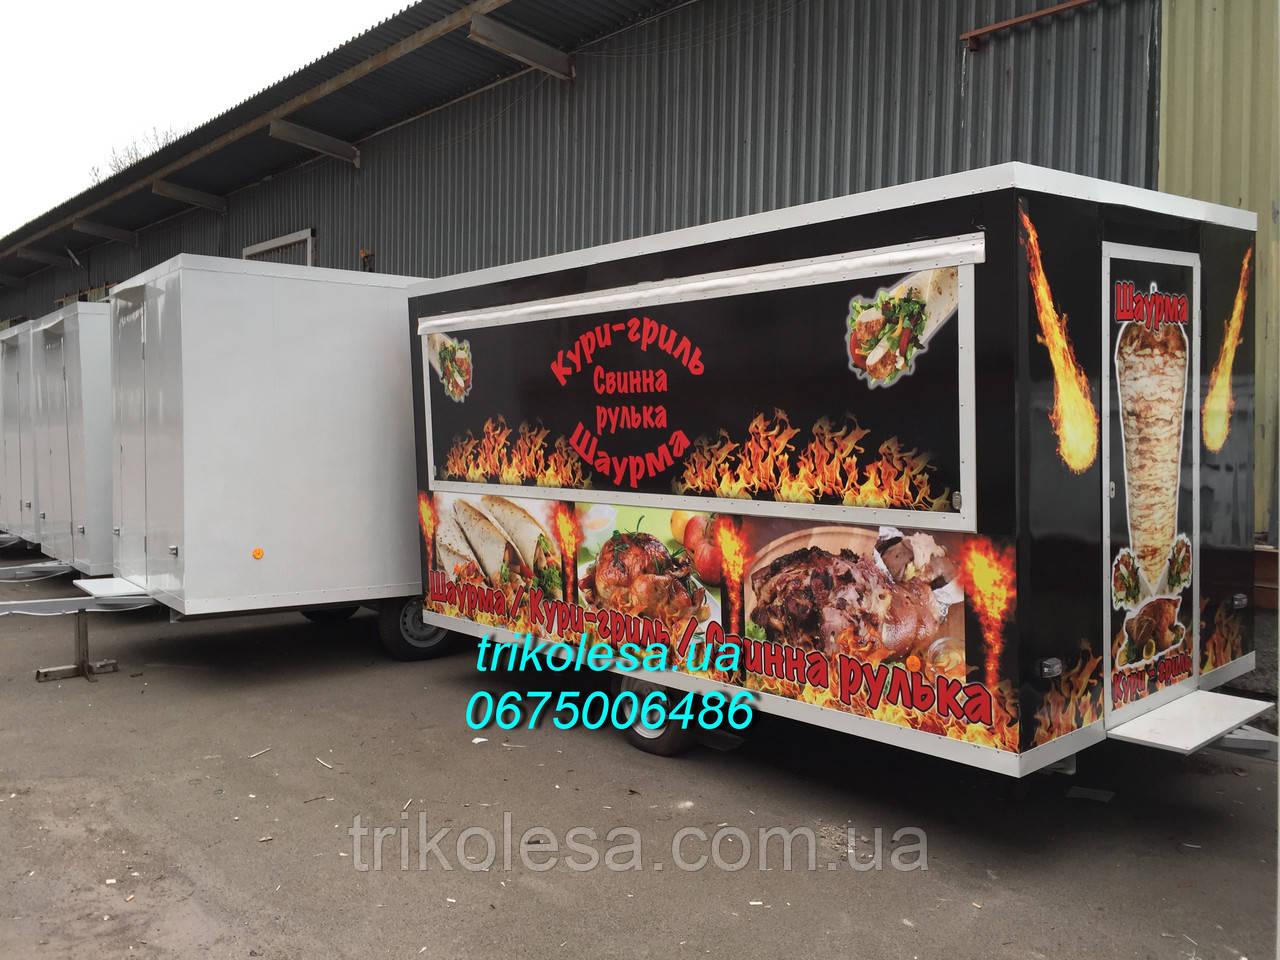 Торговый прицеп для горячей выпечки